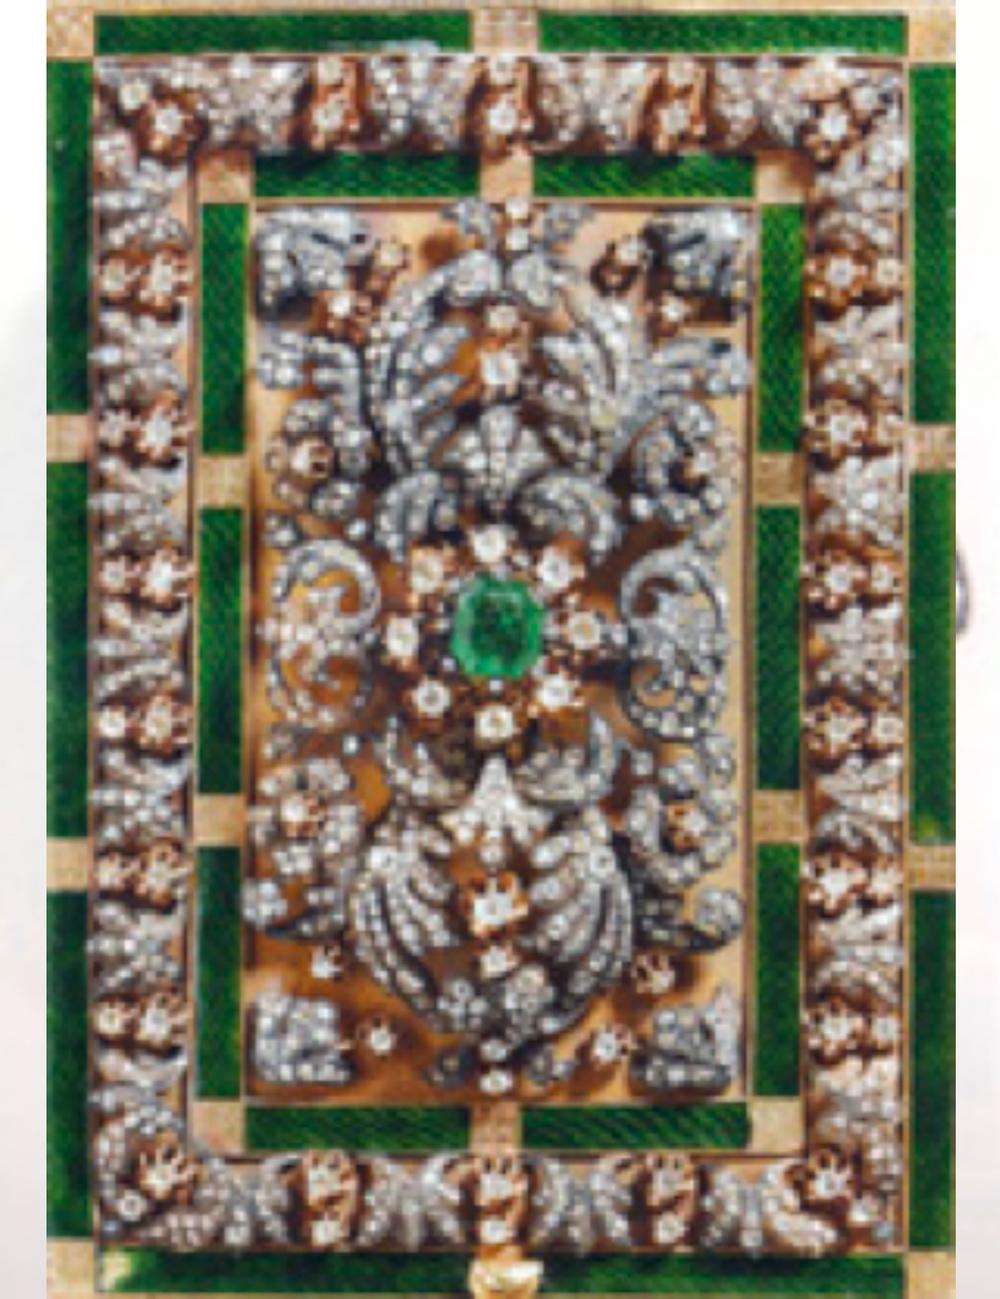 Kuran Mahfazası, Osmanlı, erken 19. yüzyıl, altın, elmas, zümrüt: 18x12.5x5 cm.( T.S.M 2/3369)